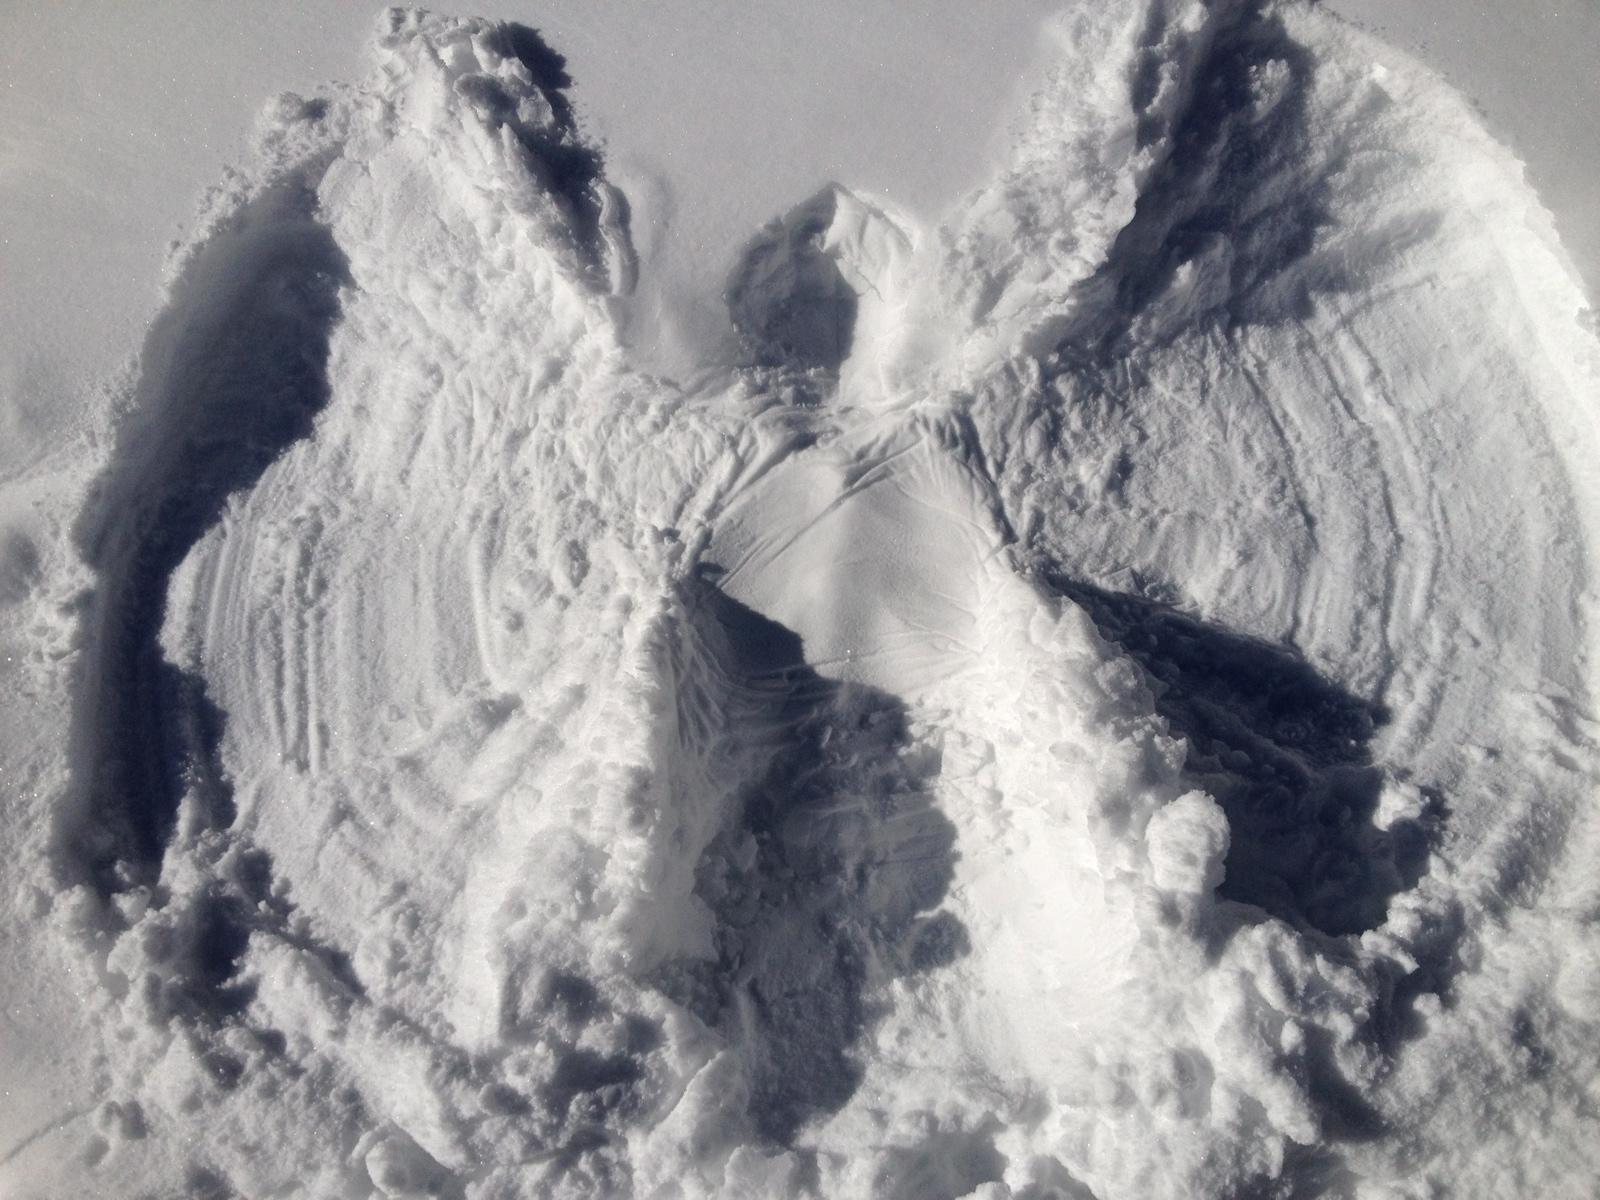 Snowshoeing at Solitude Mountain Resort